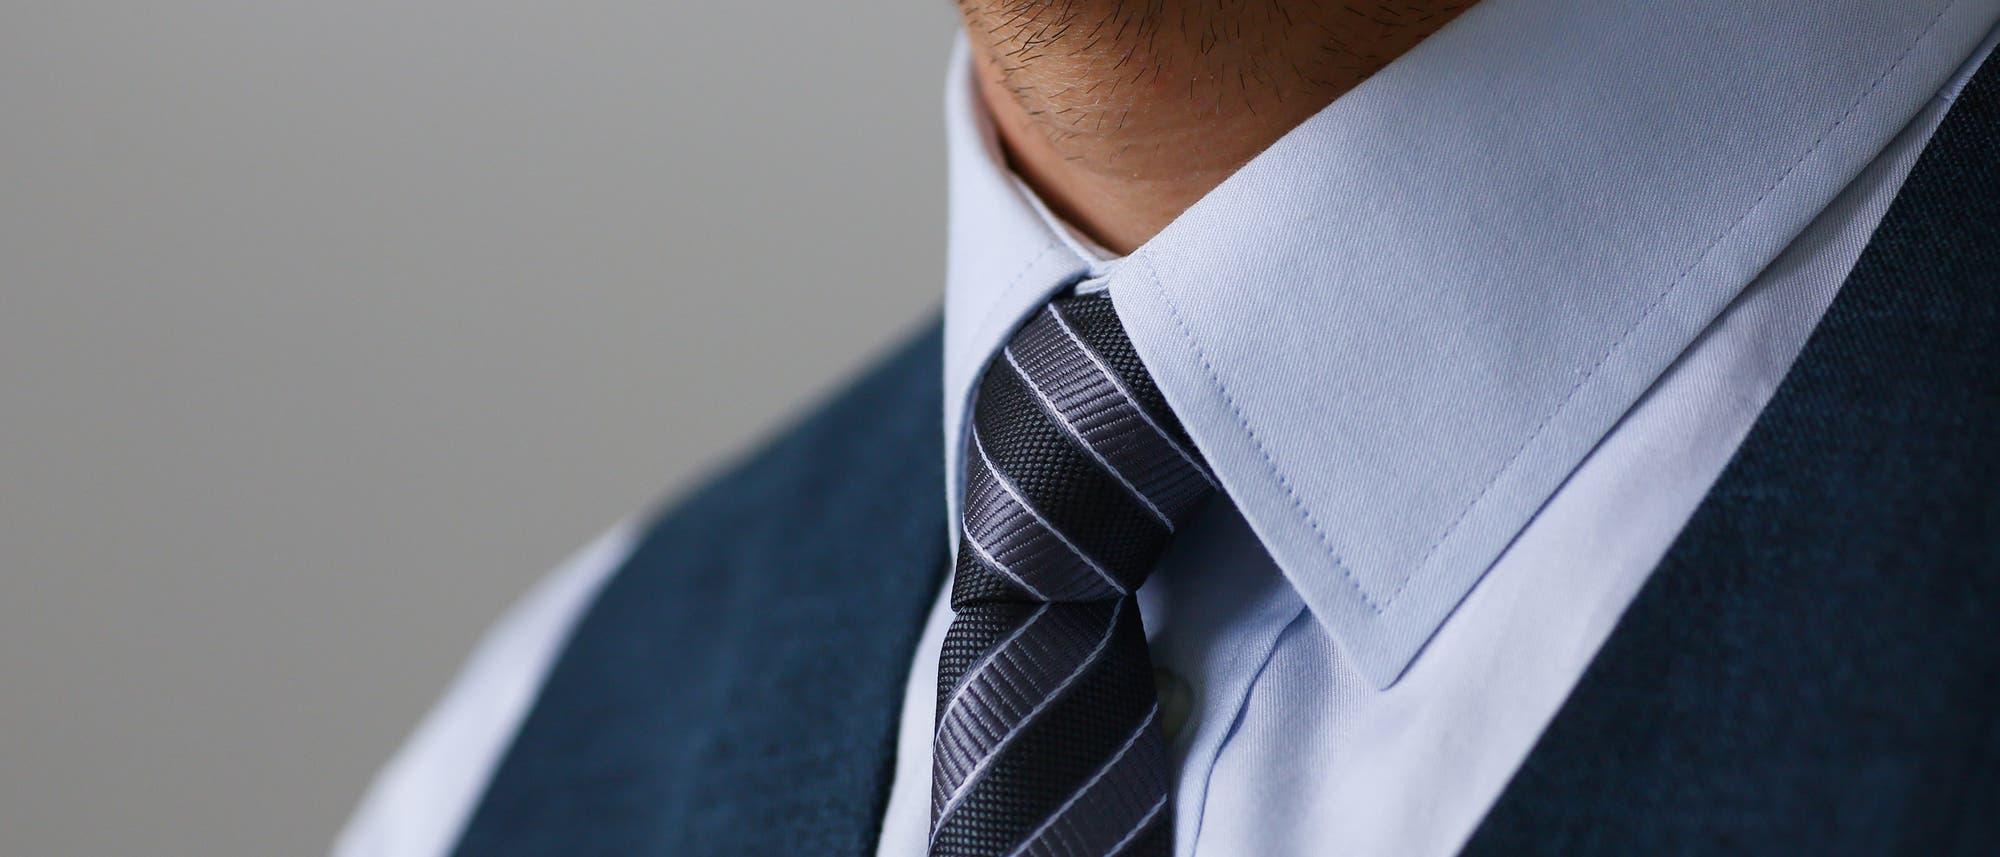 Krawatte am Hals